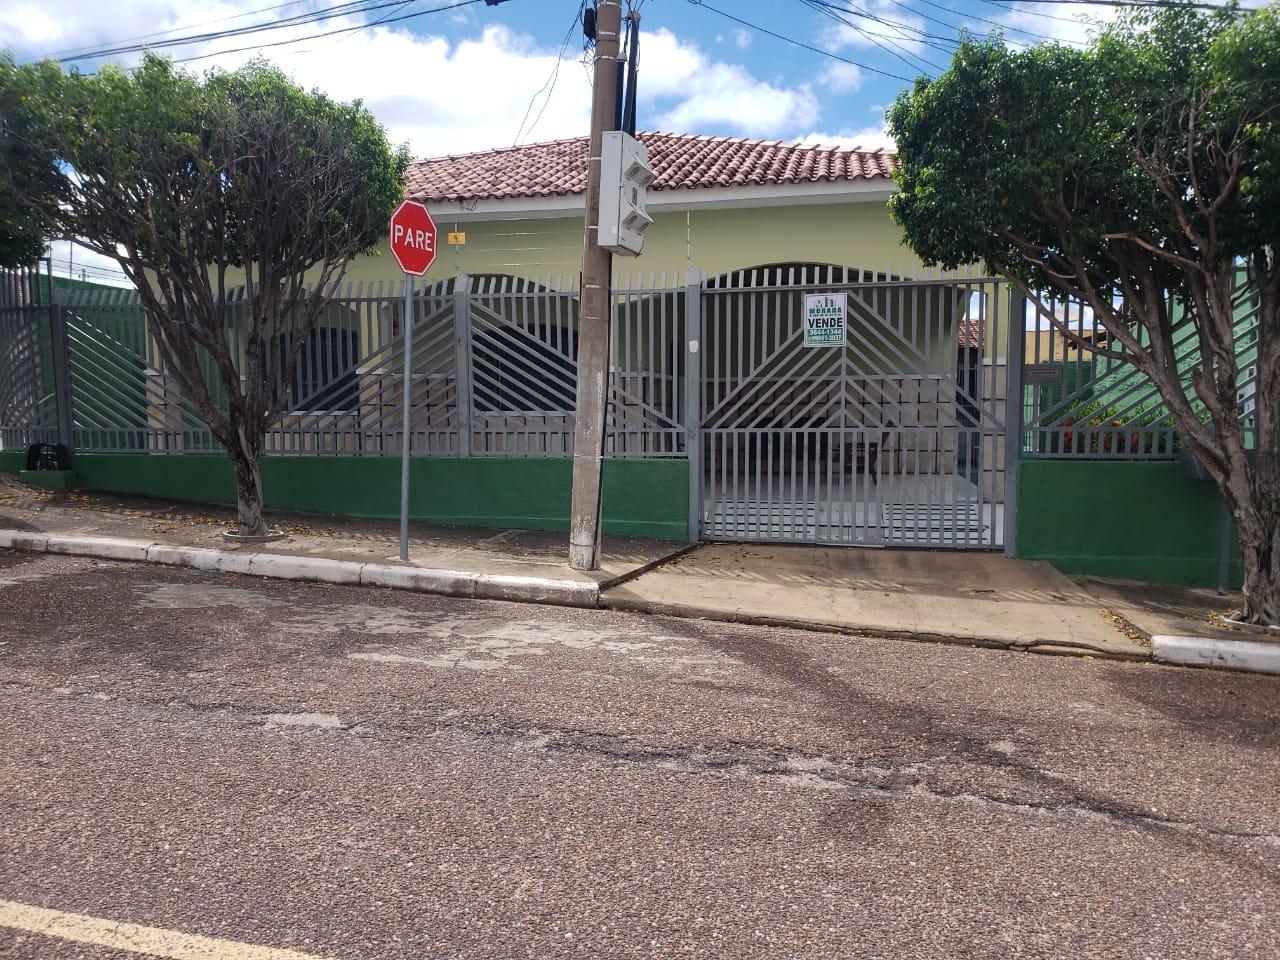 Casa  com 3 quartos sendo 1 Suíte no Cpa 1, Cuiabá  - MT